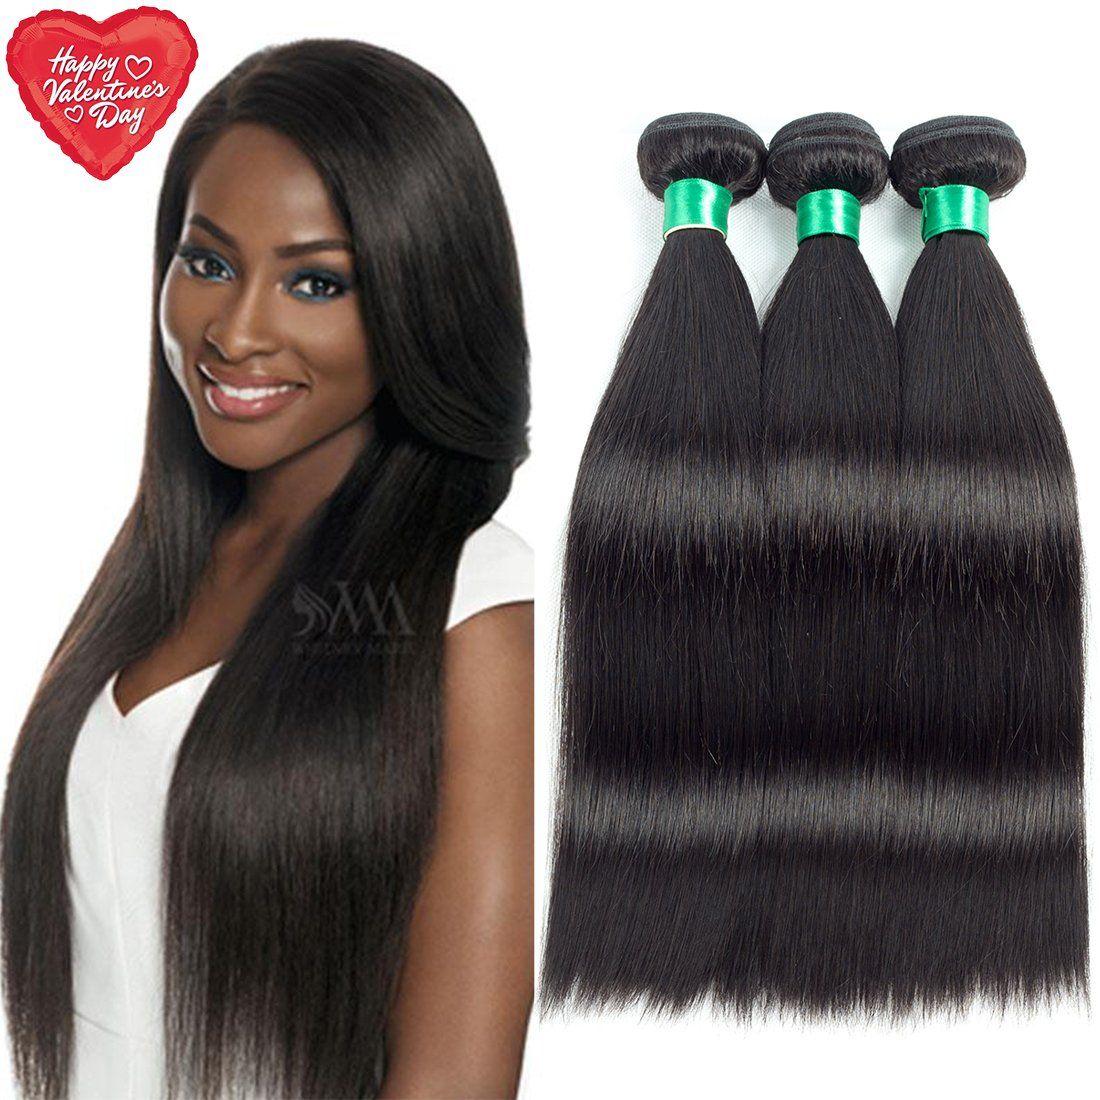 Mqyq Hair 8a Virgin Brazilian Straight Human Hair Extensions 16 18